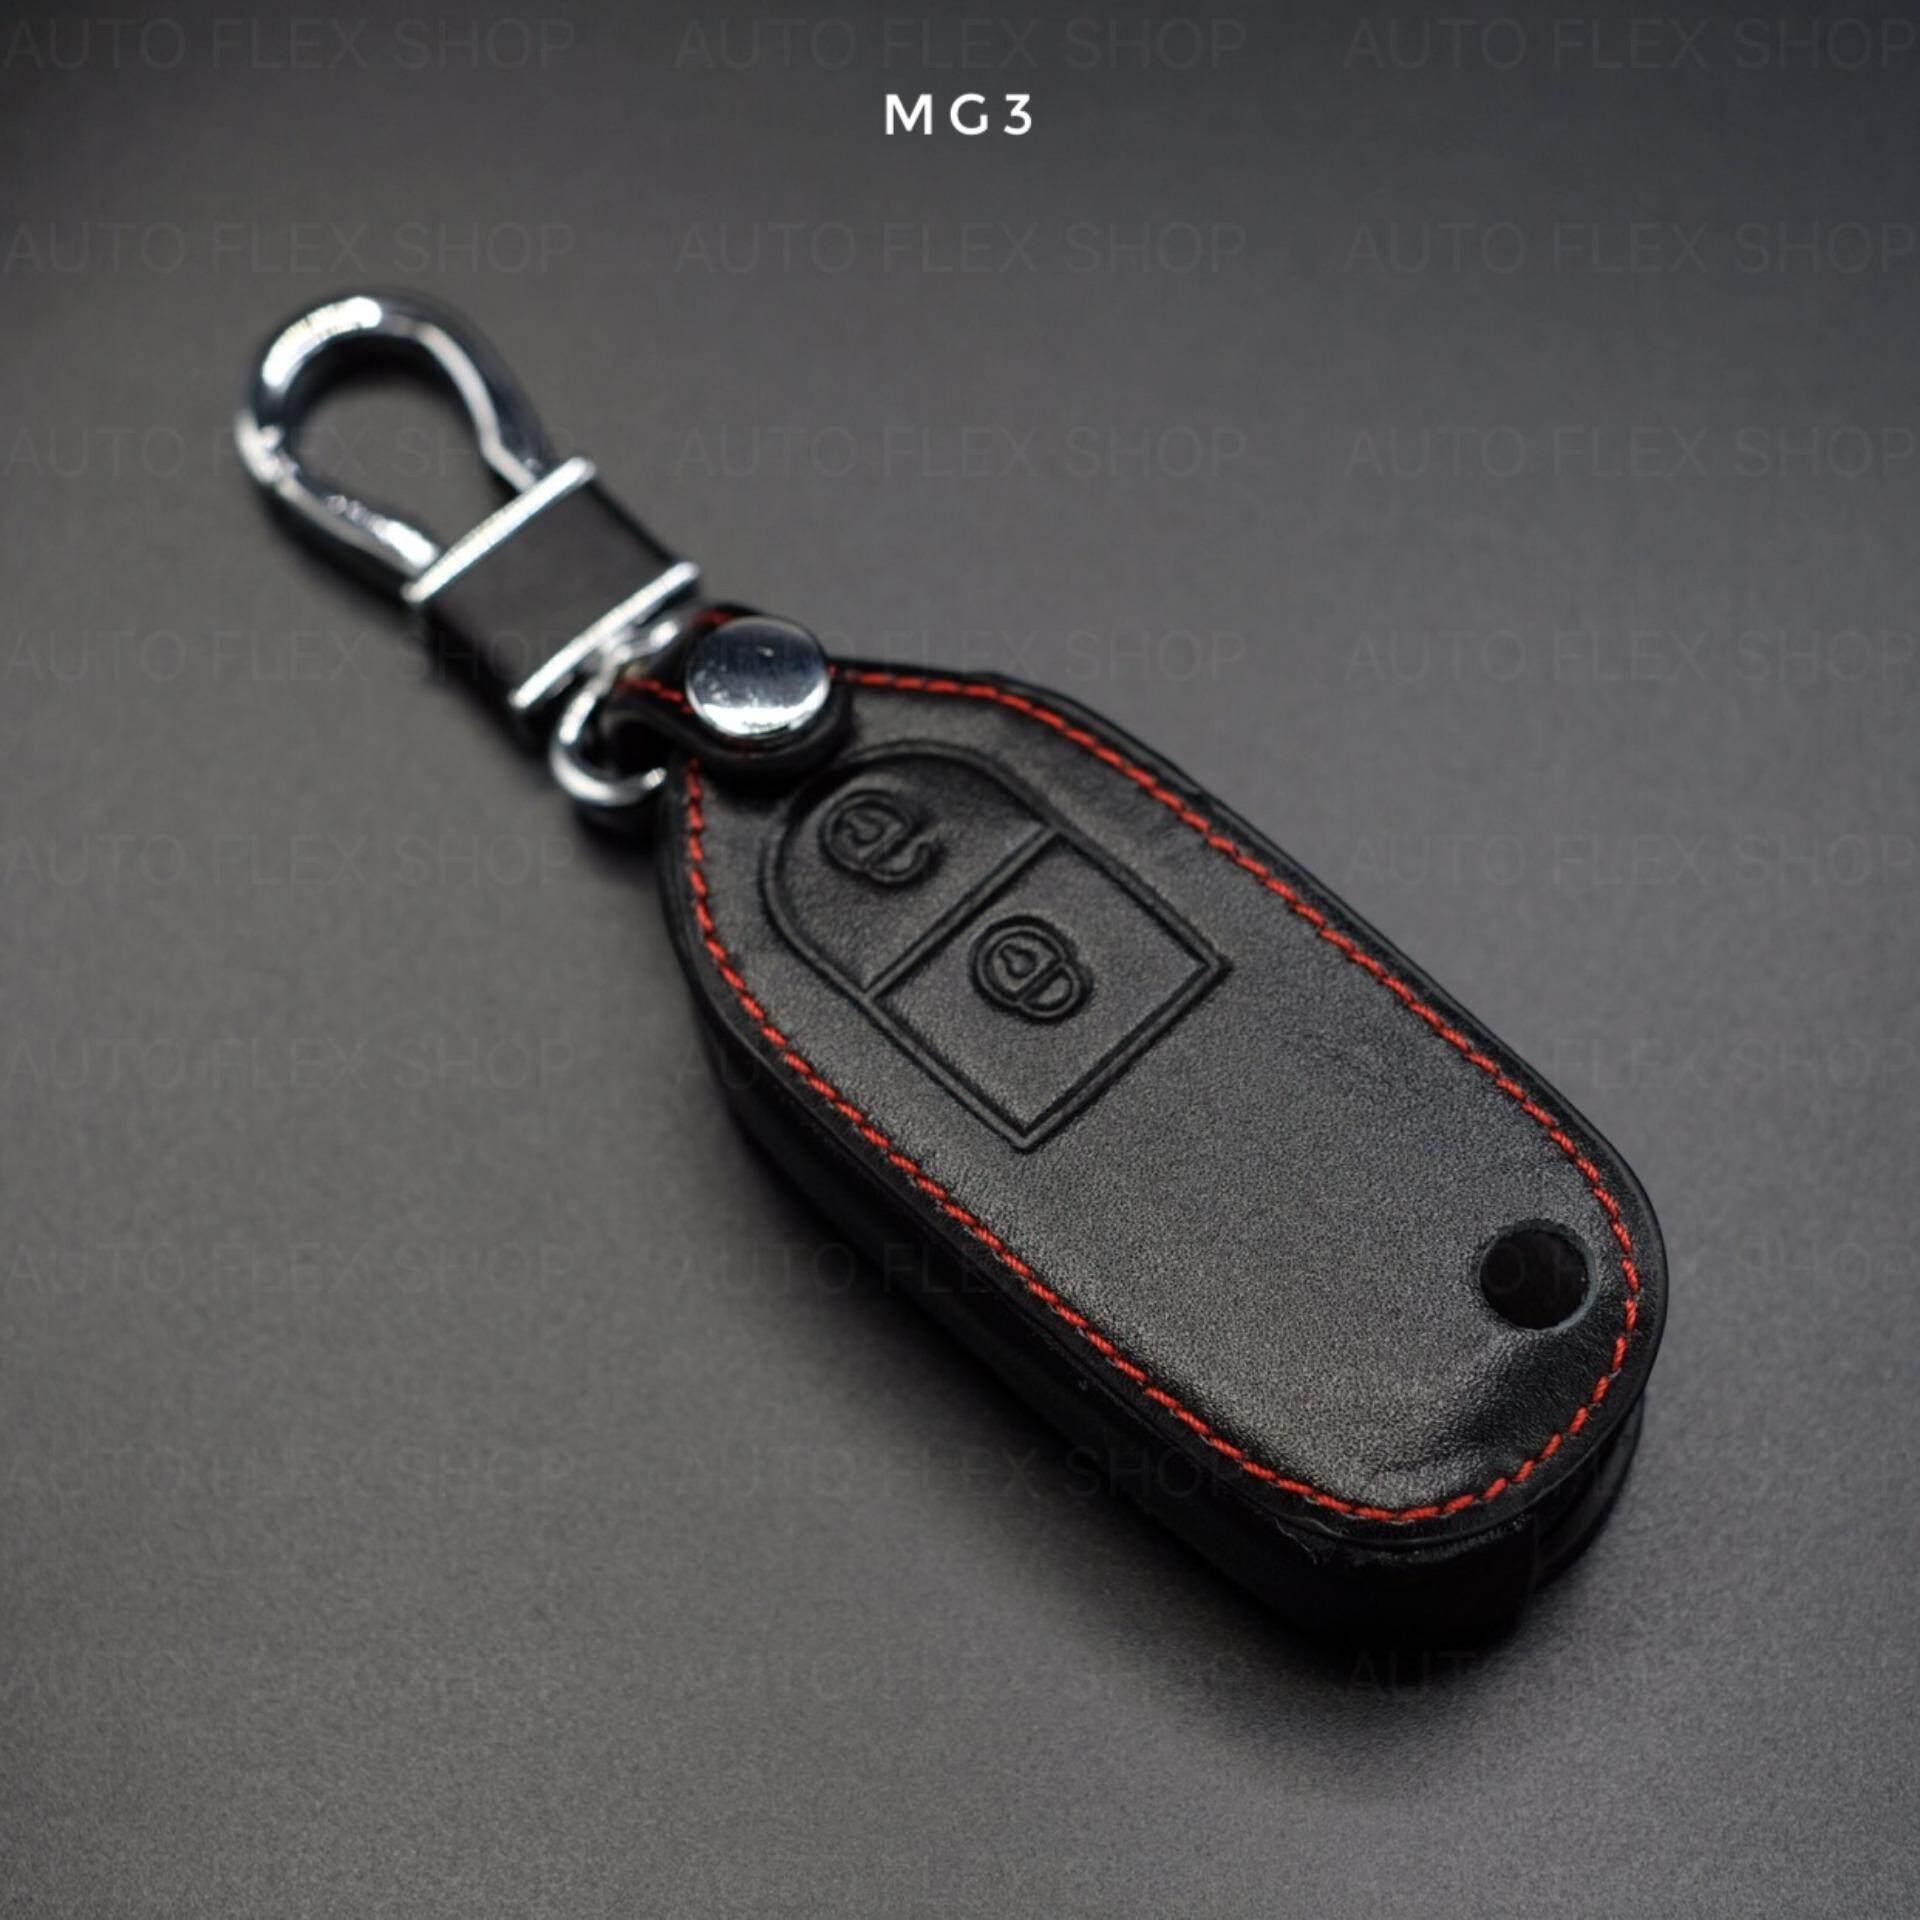 ขาย ซองหนัง Mg 3 กรุงเทพมหานคร ถูก